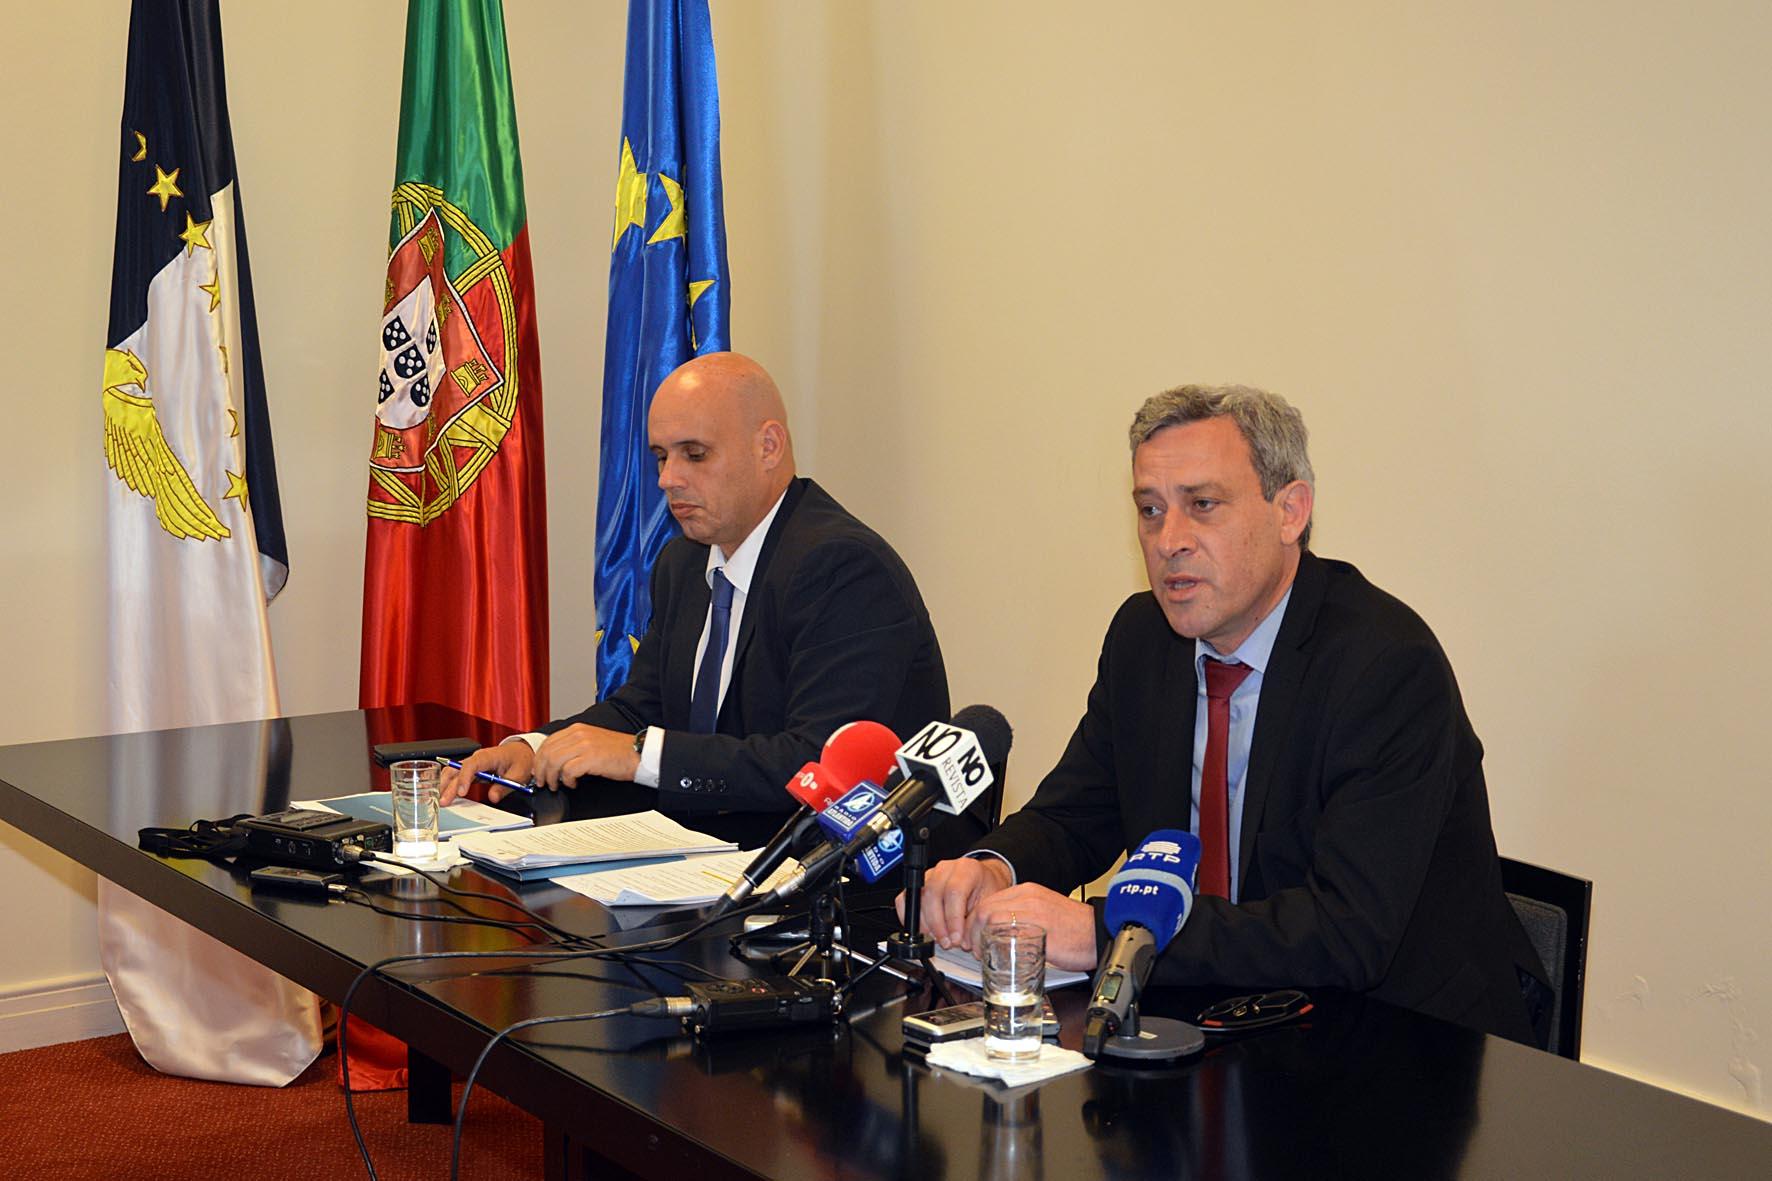 Governo dos Açores apresenta medidas para a Ciência e Tecnologia até 2020 no valor de 15 milhões de euros